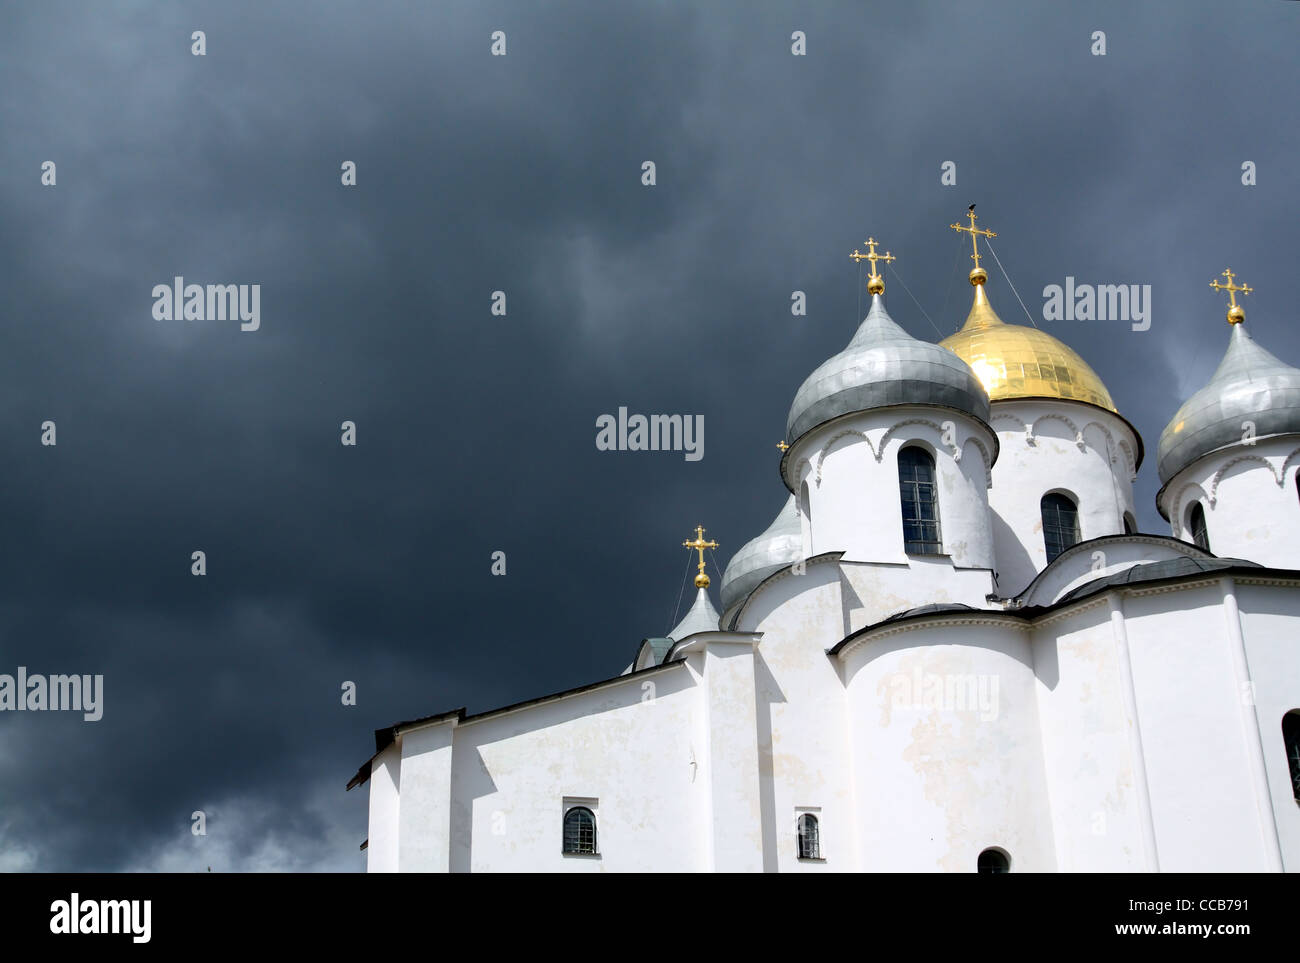 Christian chiesa ortodossa su sfondo nuvoloso Immagini Stock